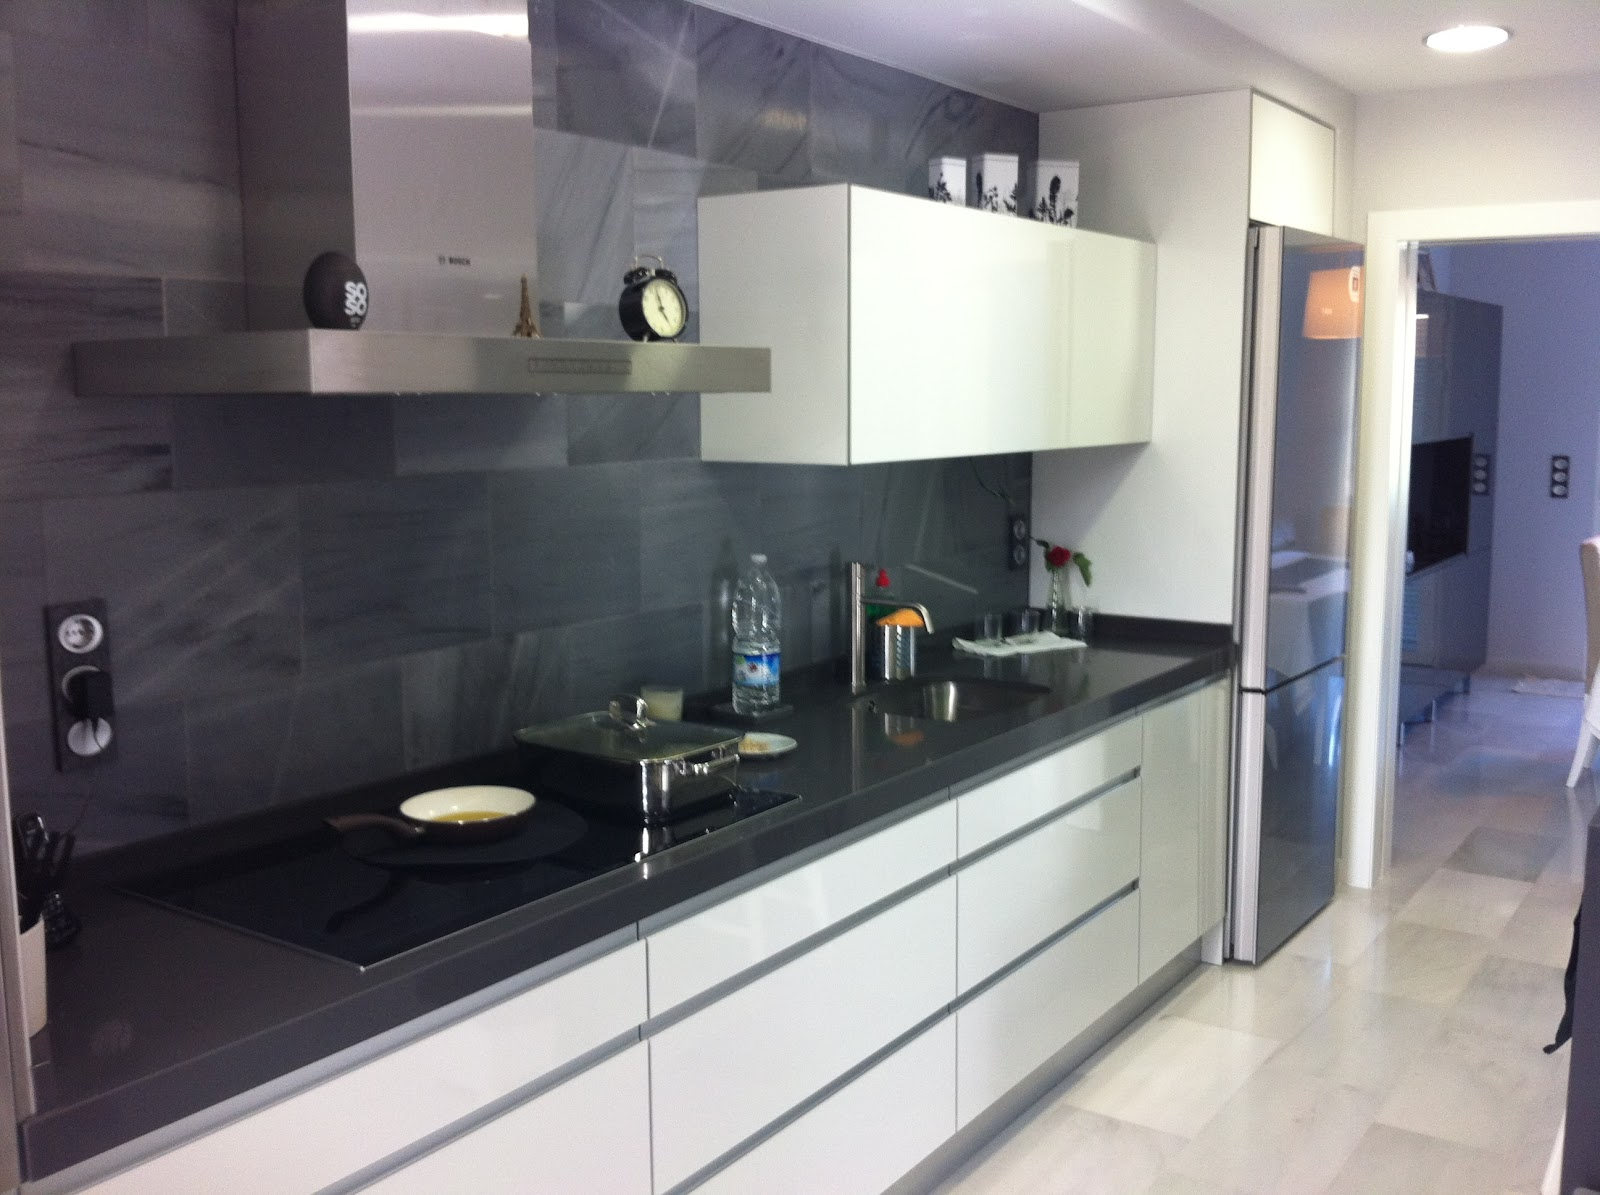 Formas almacen de cocinas cocina con o sin tiradores - Tiradores para muebles de cocina ...